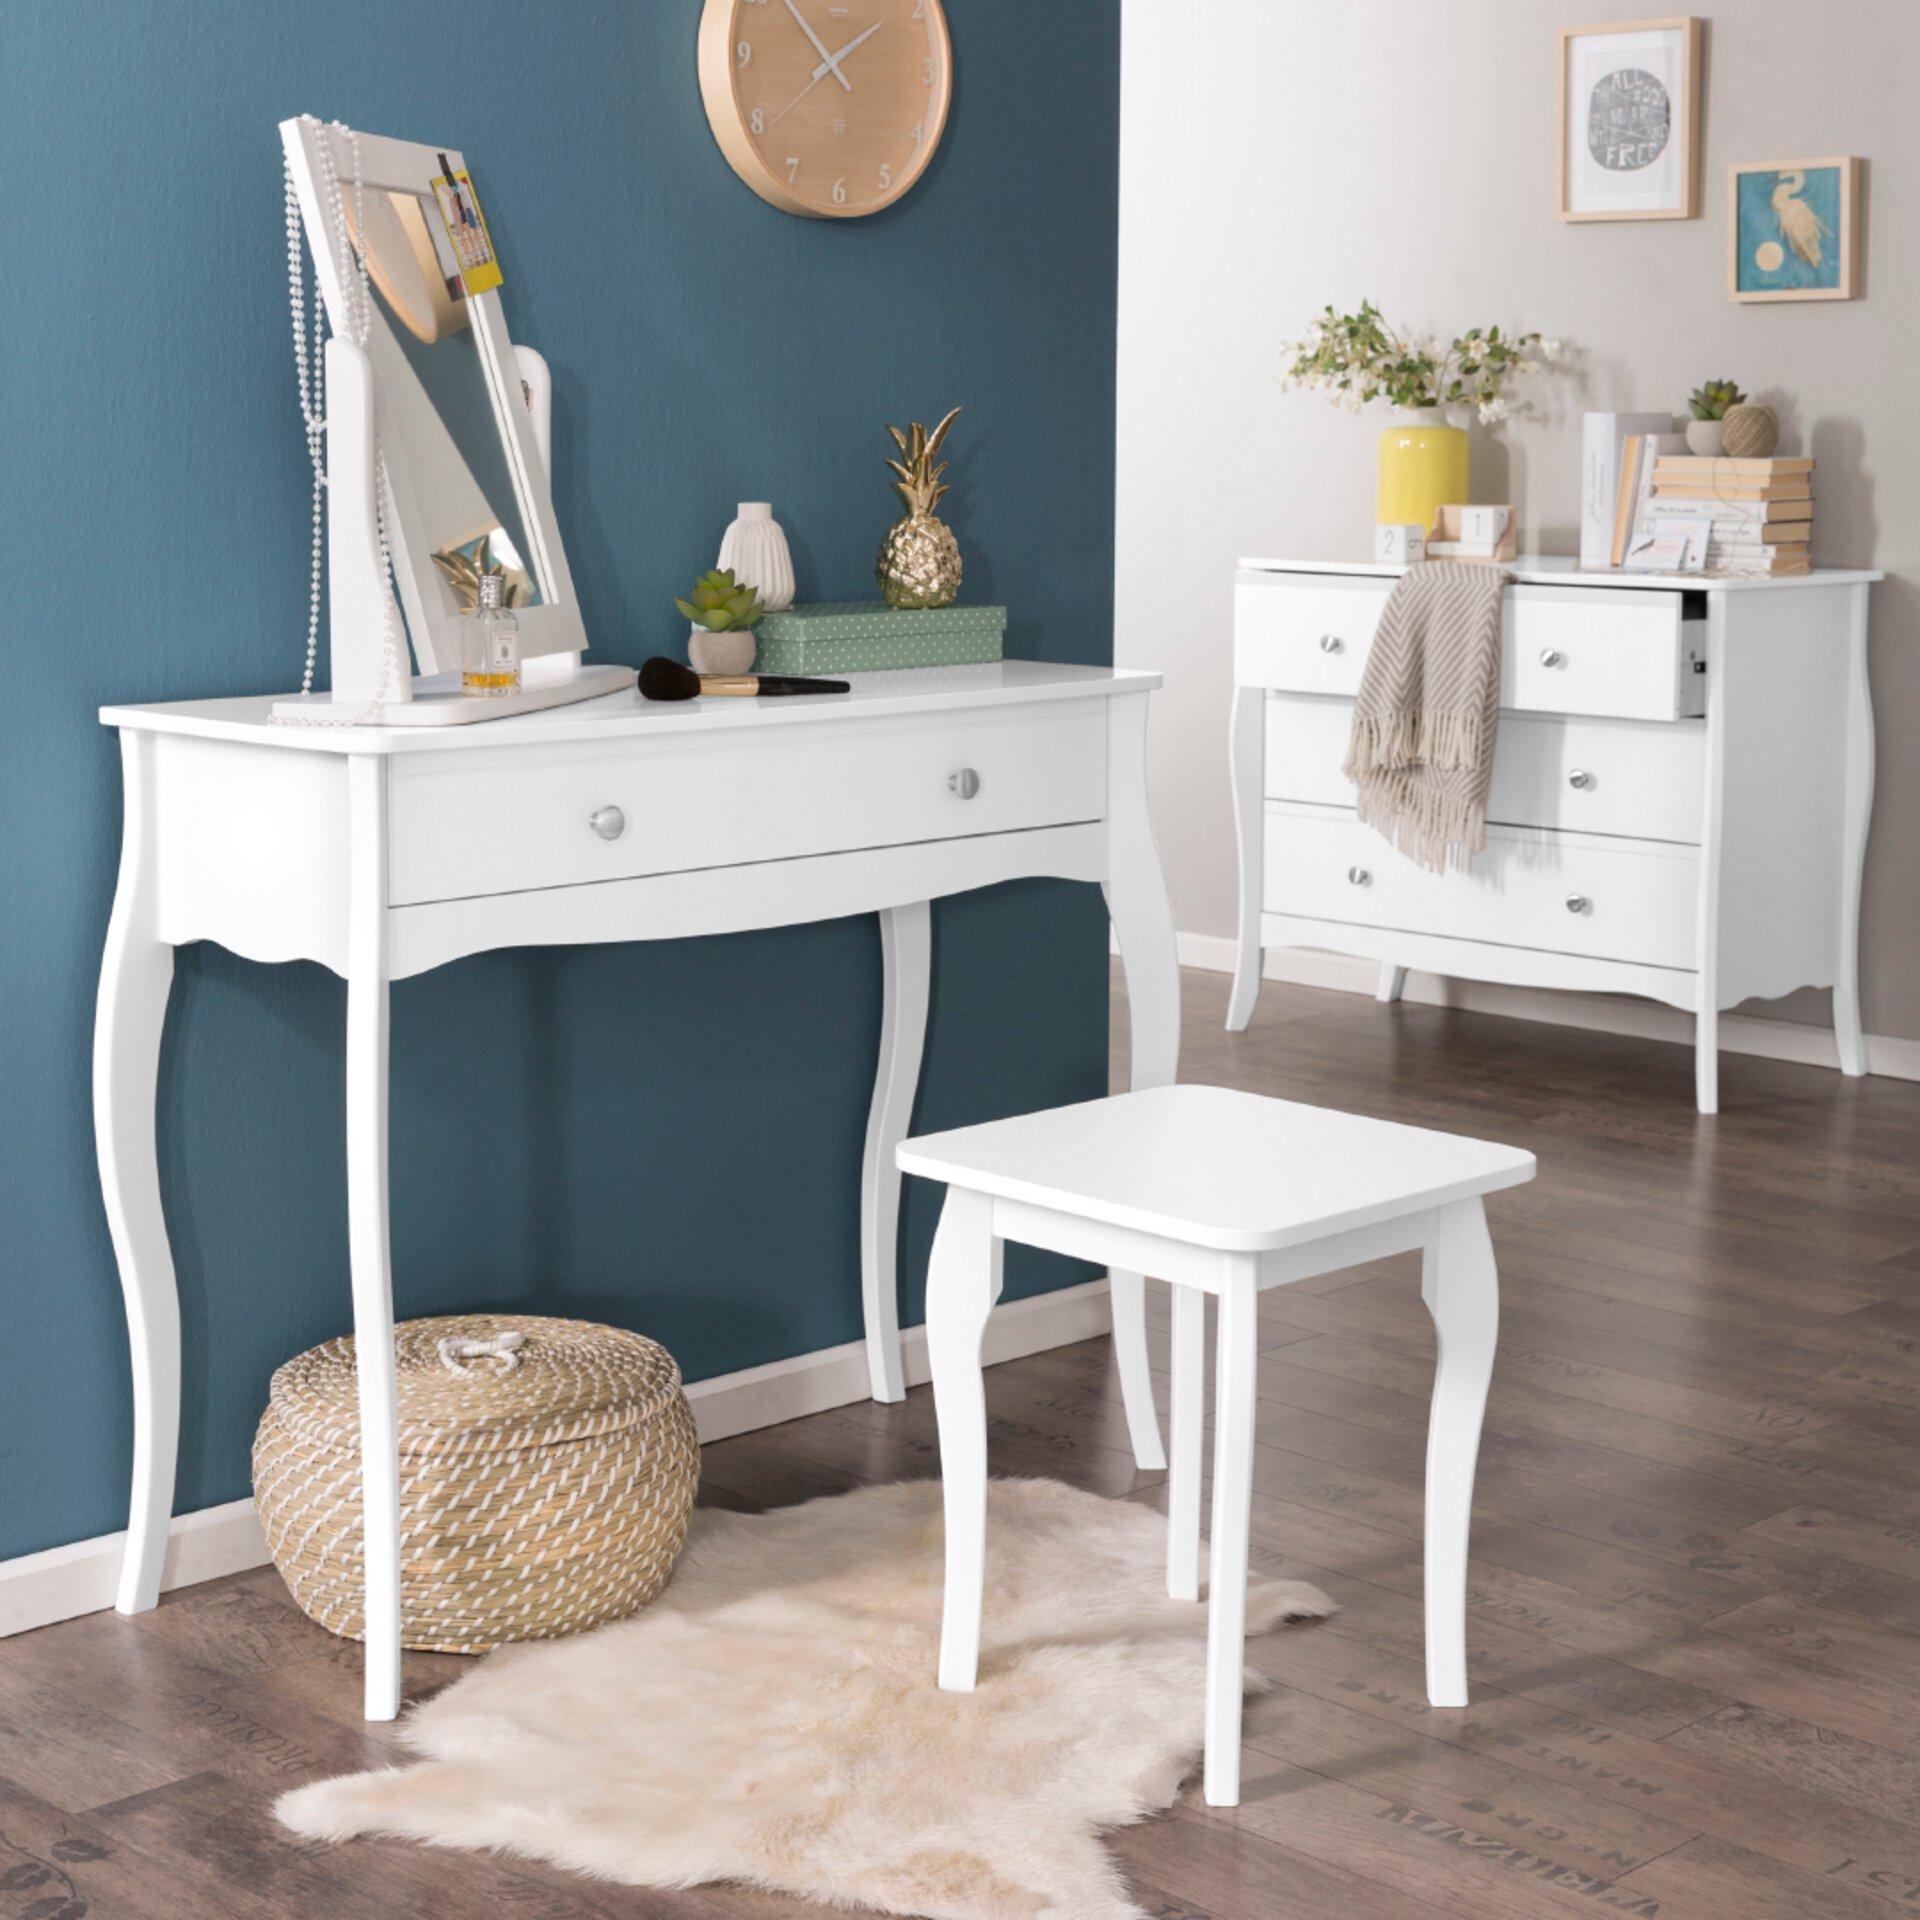 Sitzhocker Weiß Holzoptik